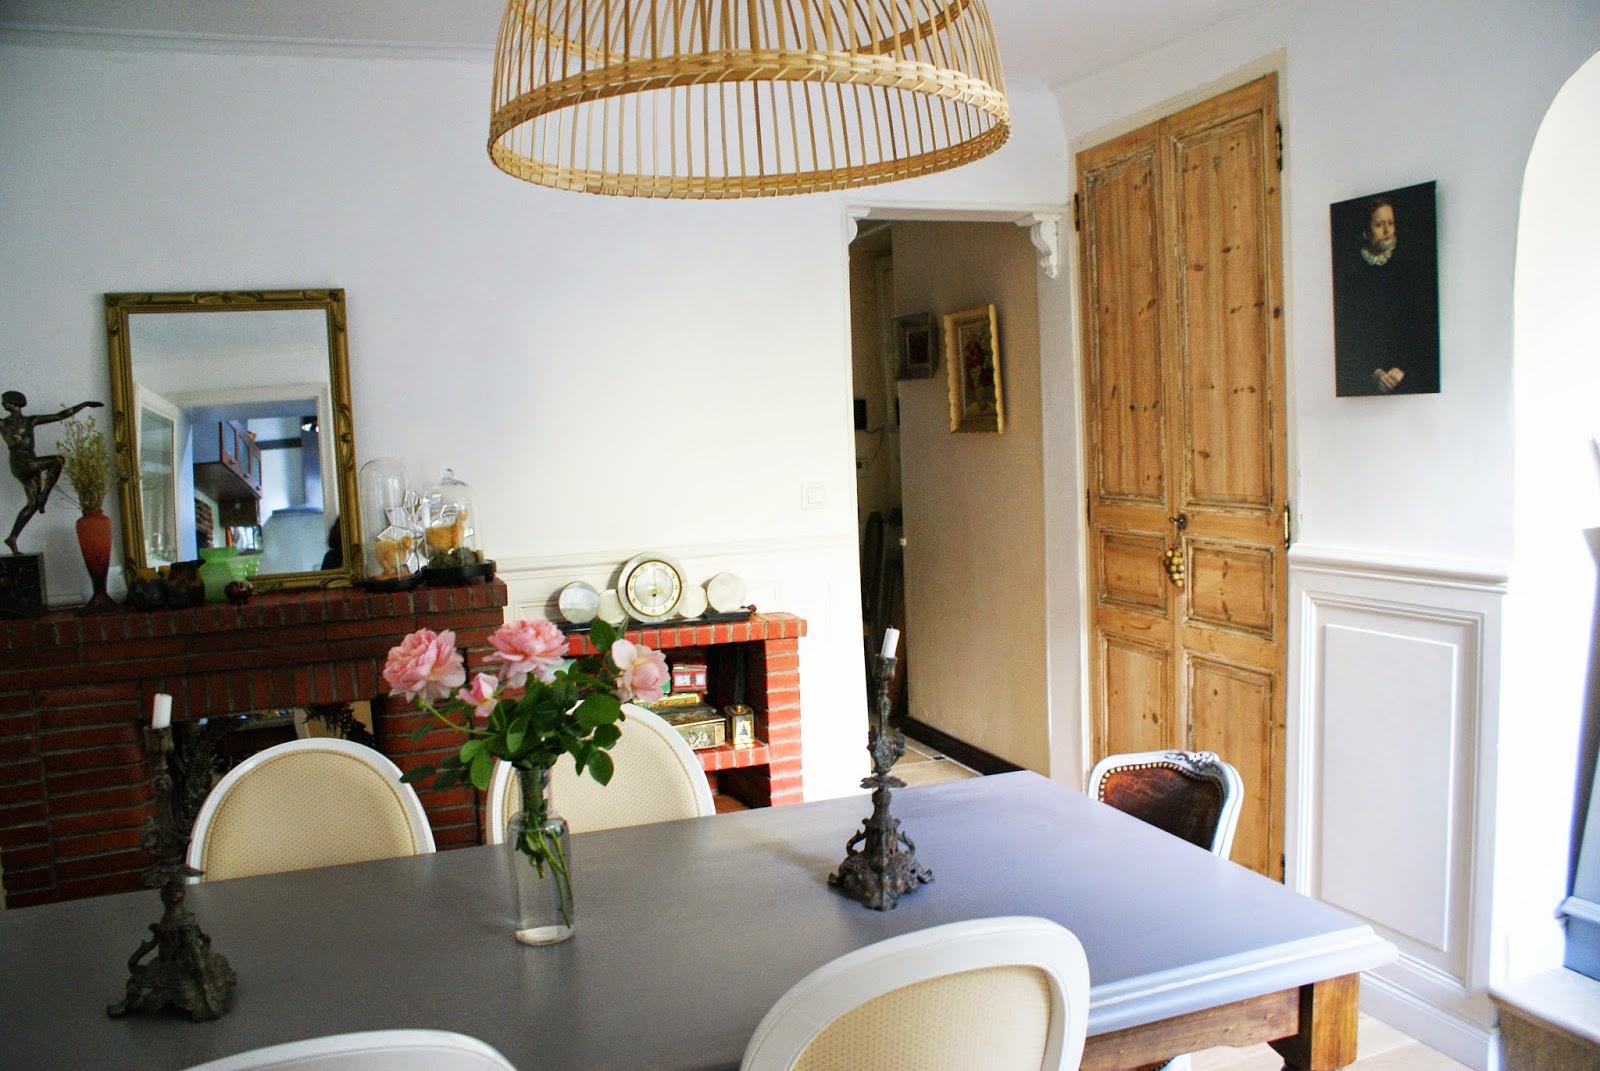 #946837 Le Cabinet D'Alex: Ma Nouvelle Salle à Manger 3857 salle a manger mon corner deco 1600x1071 px @ aertt.com